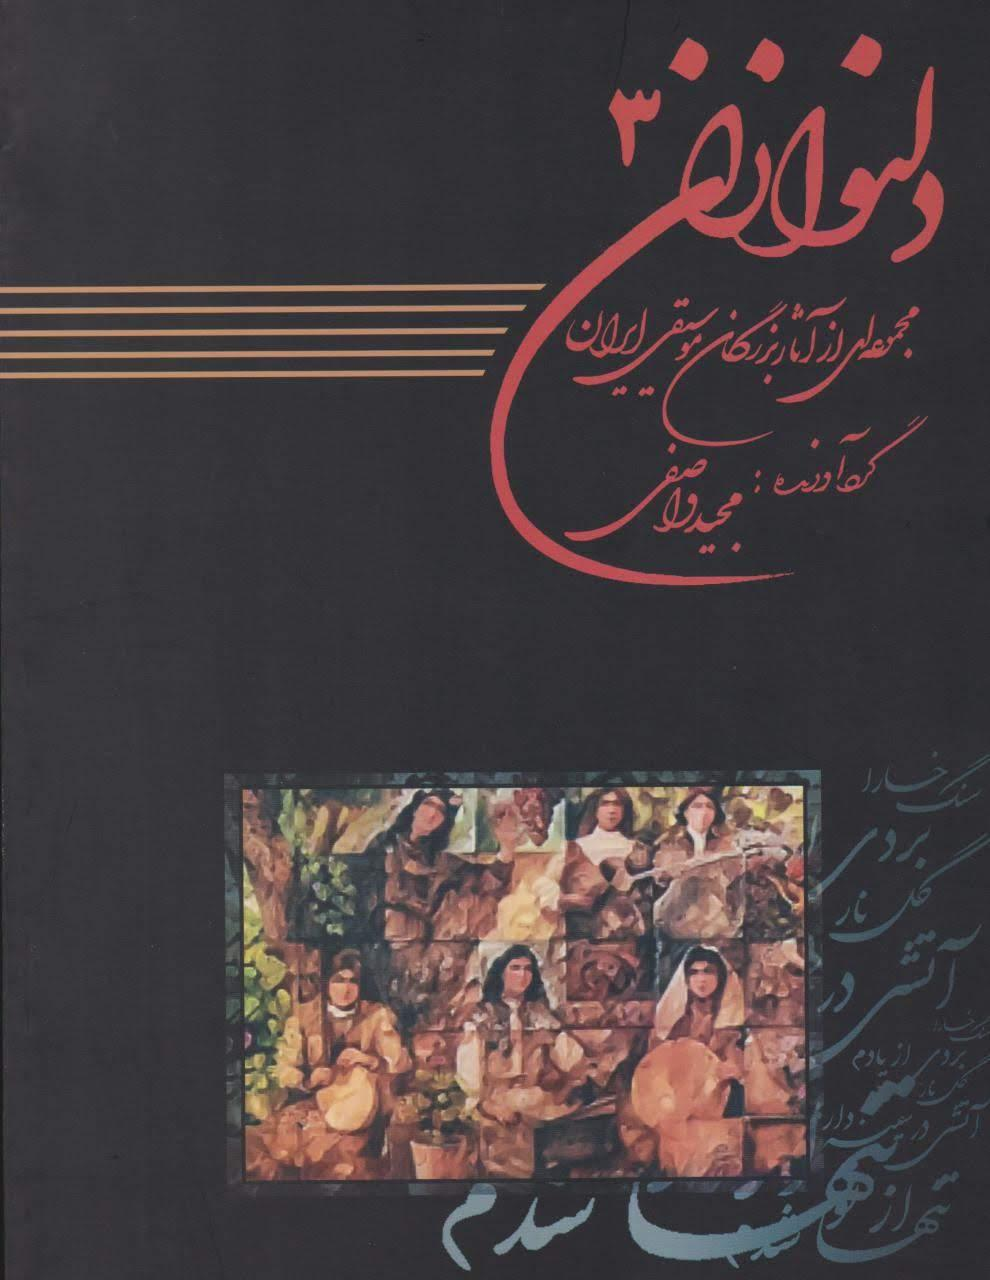 کتاب دلنوازان ۳ مجید واصفی انتشارات موسیقی عارف